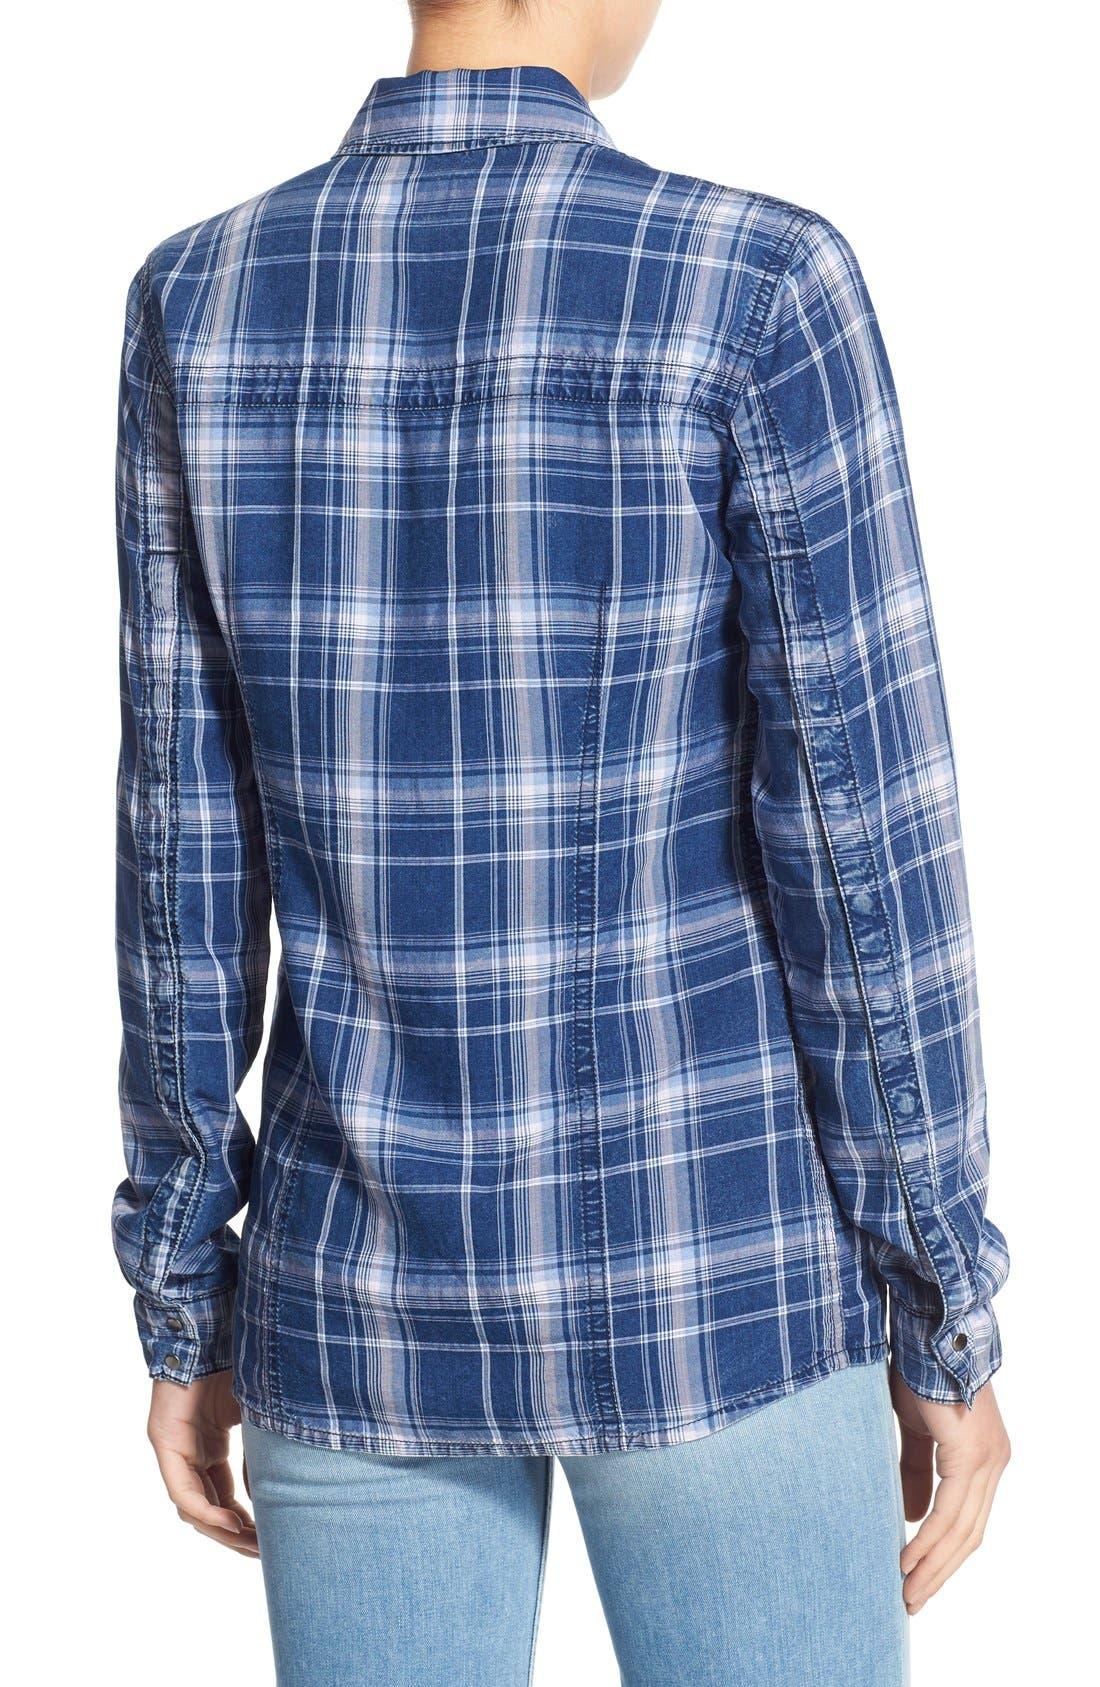 Alternate Image 2  - Hudson Jeans 'Britt' Plaid Shirt